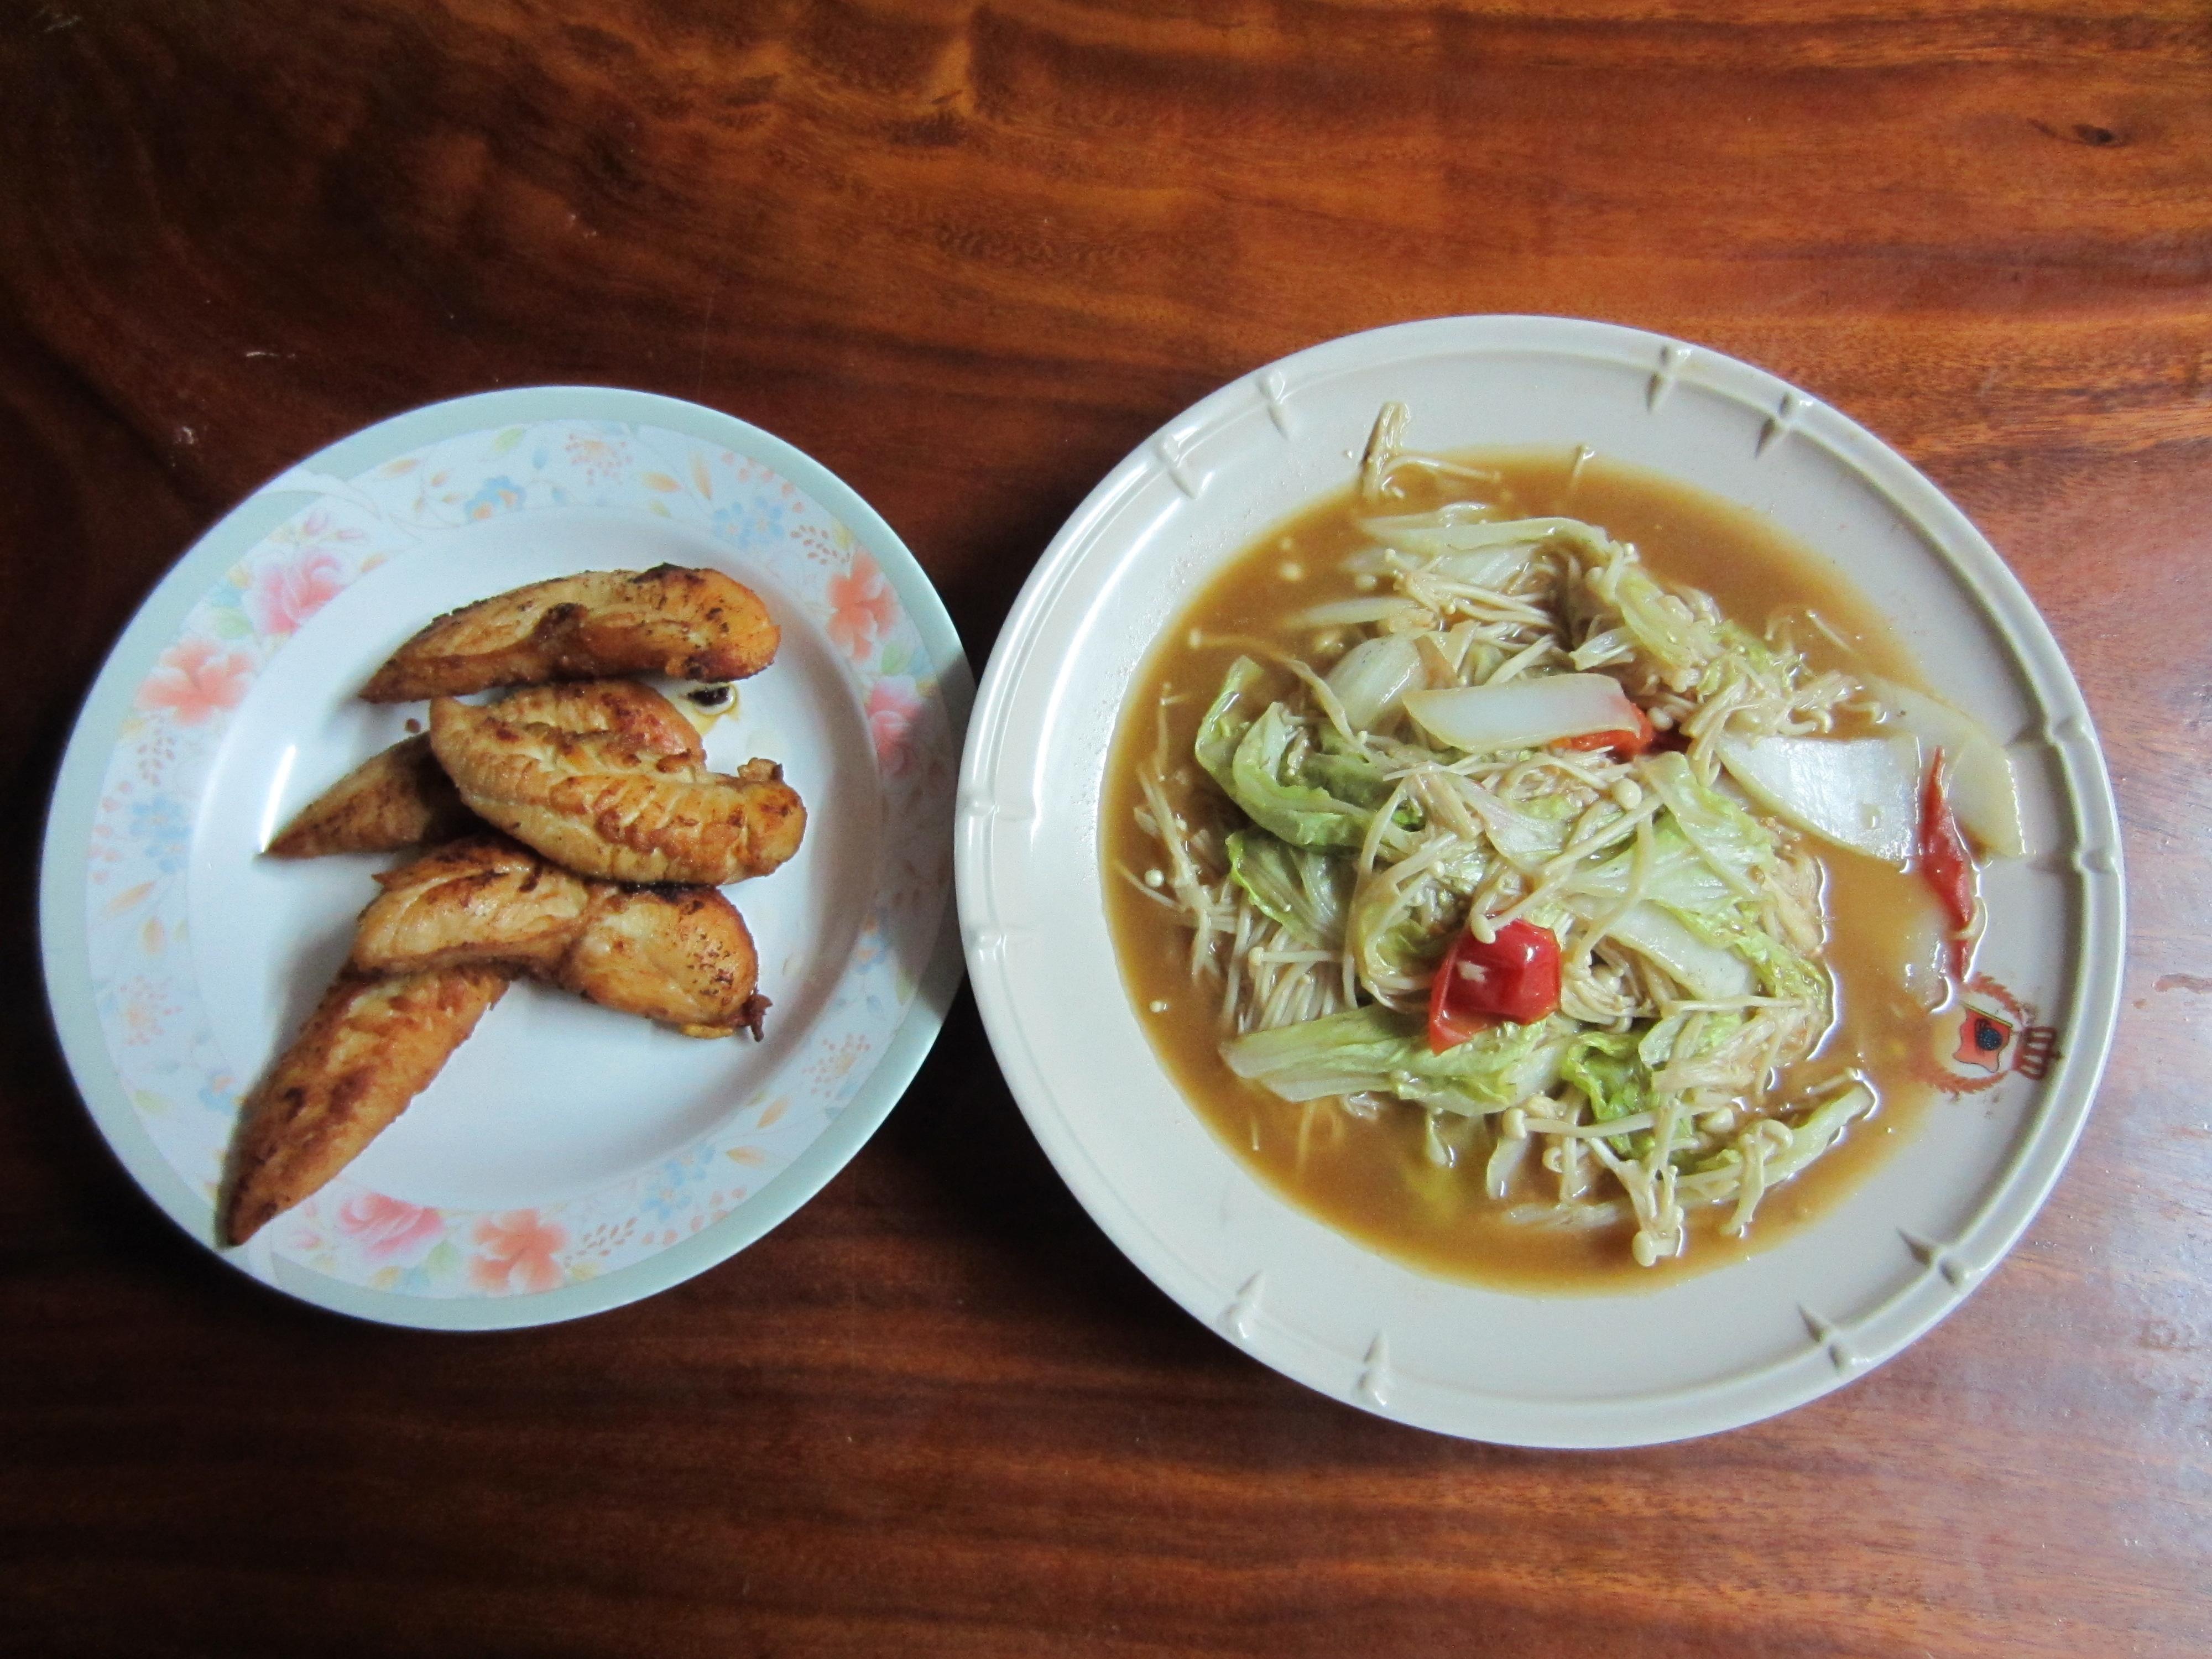 Chicken & vegetables